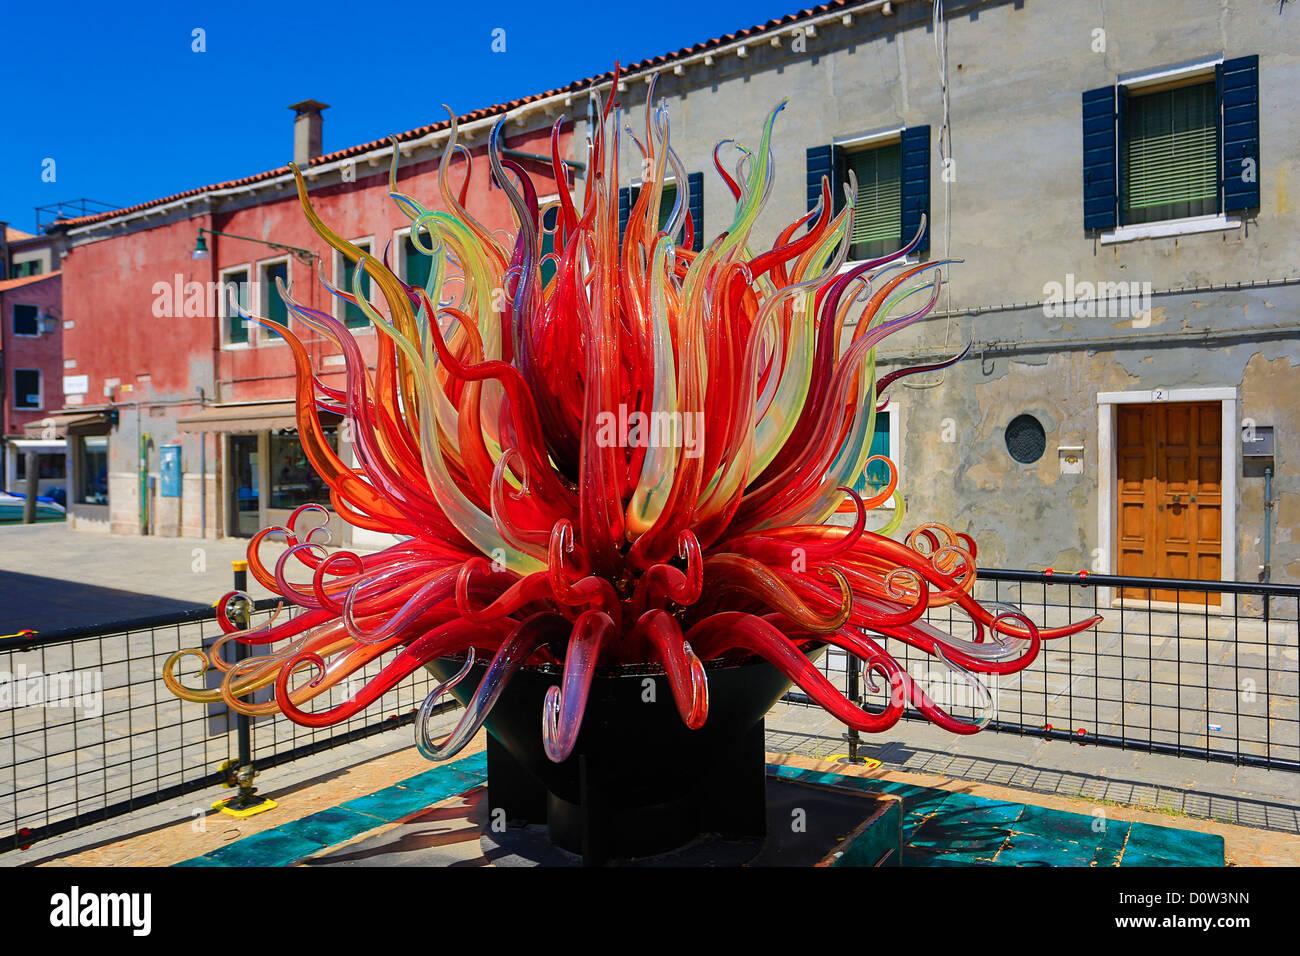 L'Italia, Europa, viaggi, Murano, vetro, monumento, rosso, turismo, Unesco, Venezia Immagini Stock